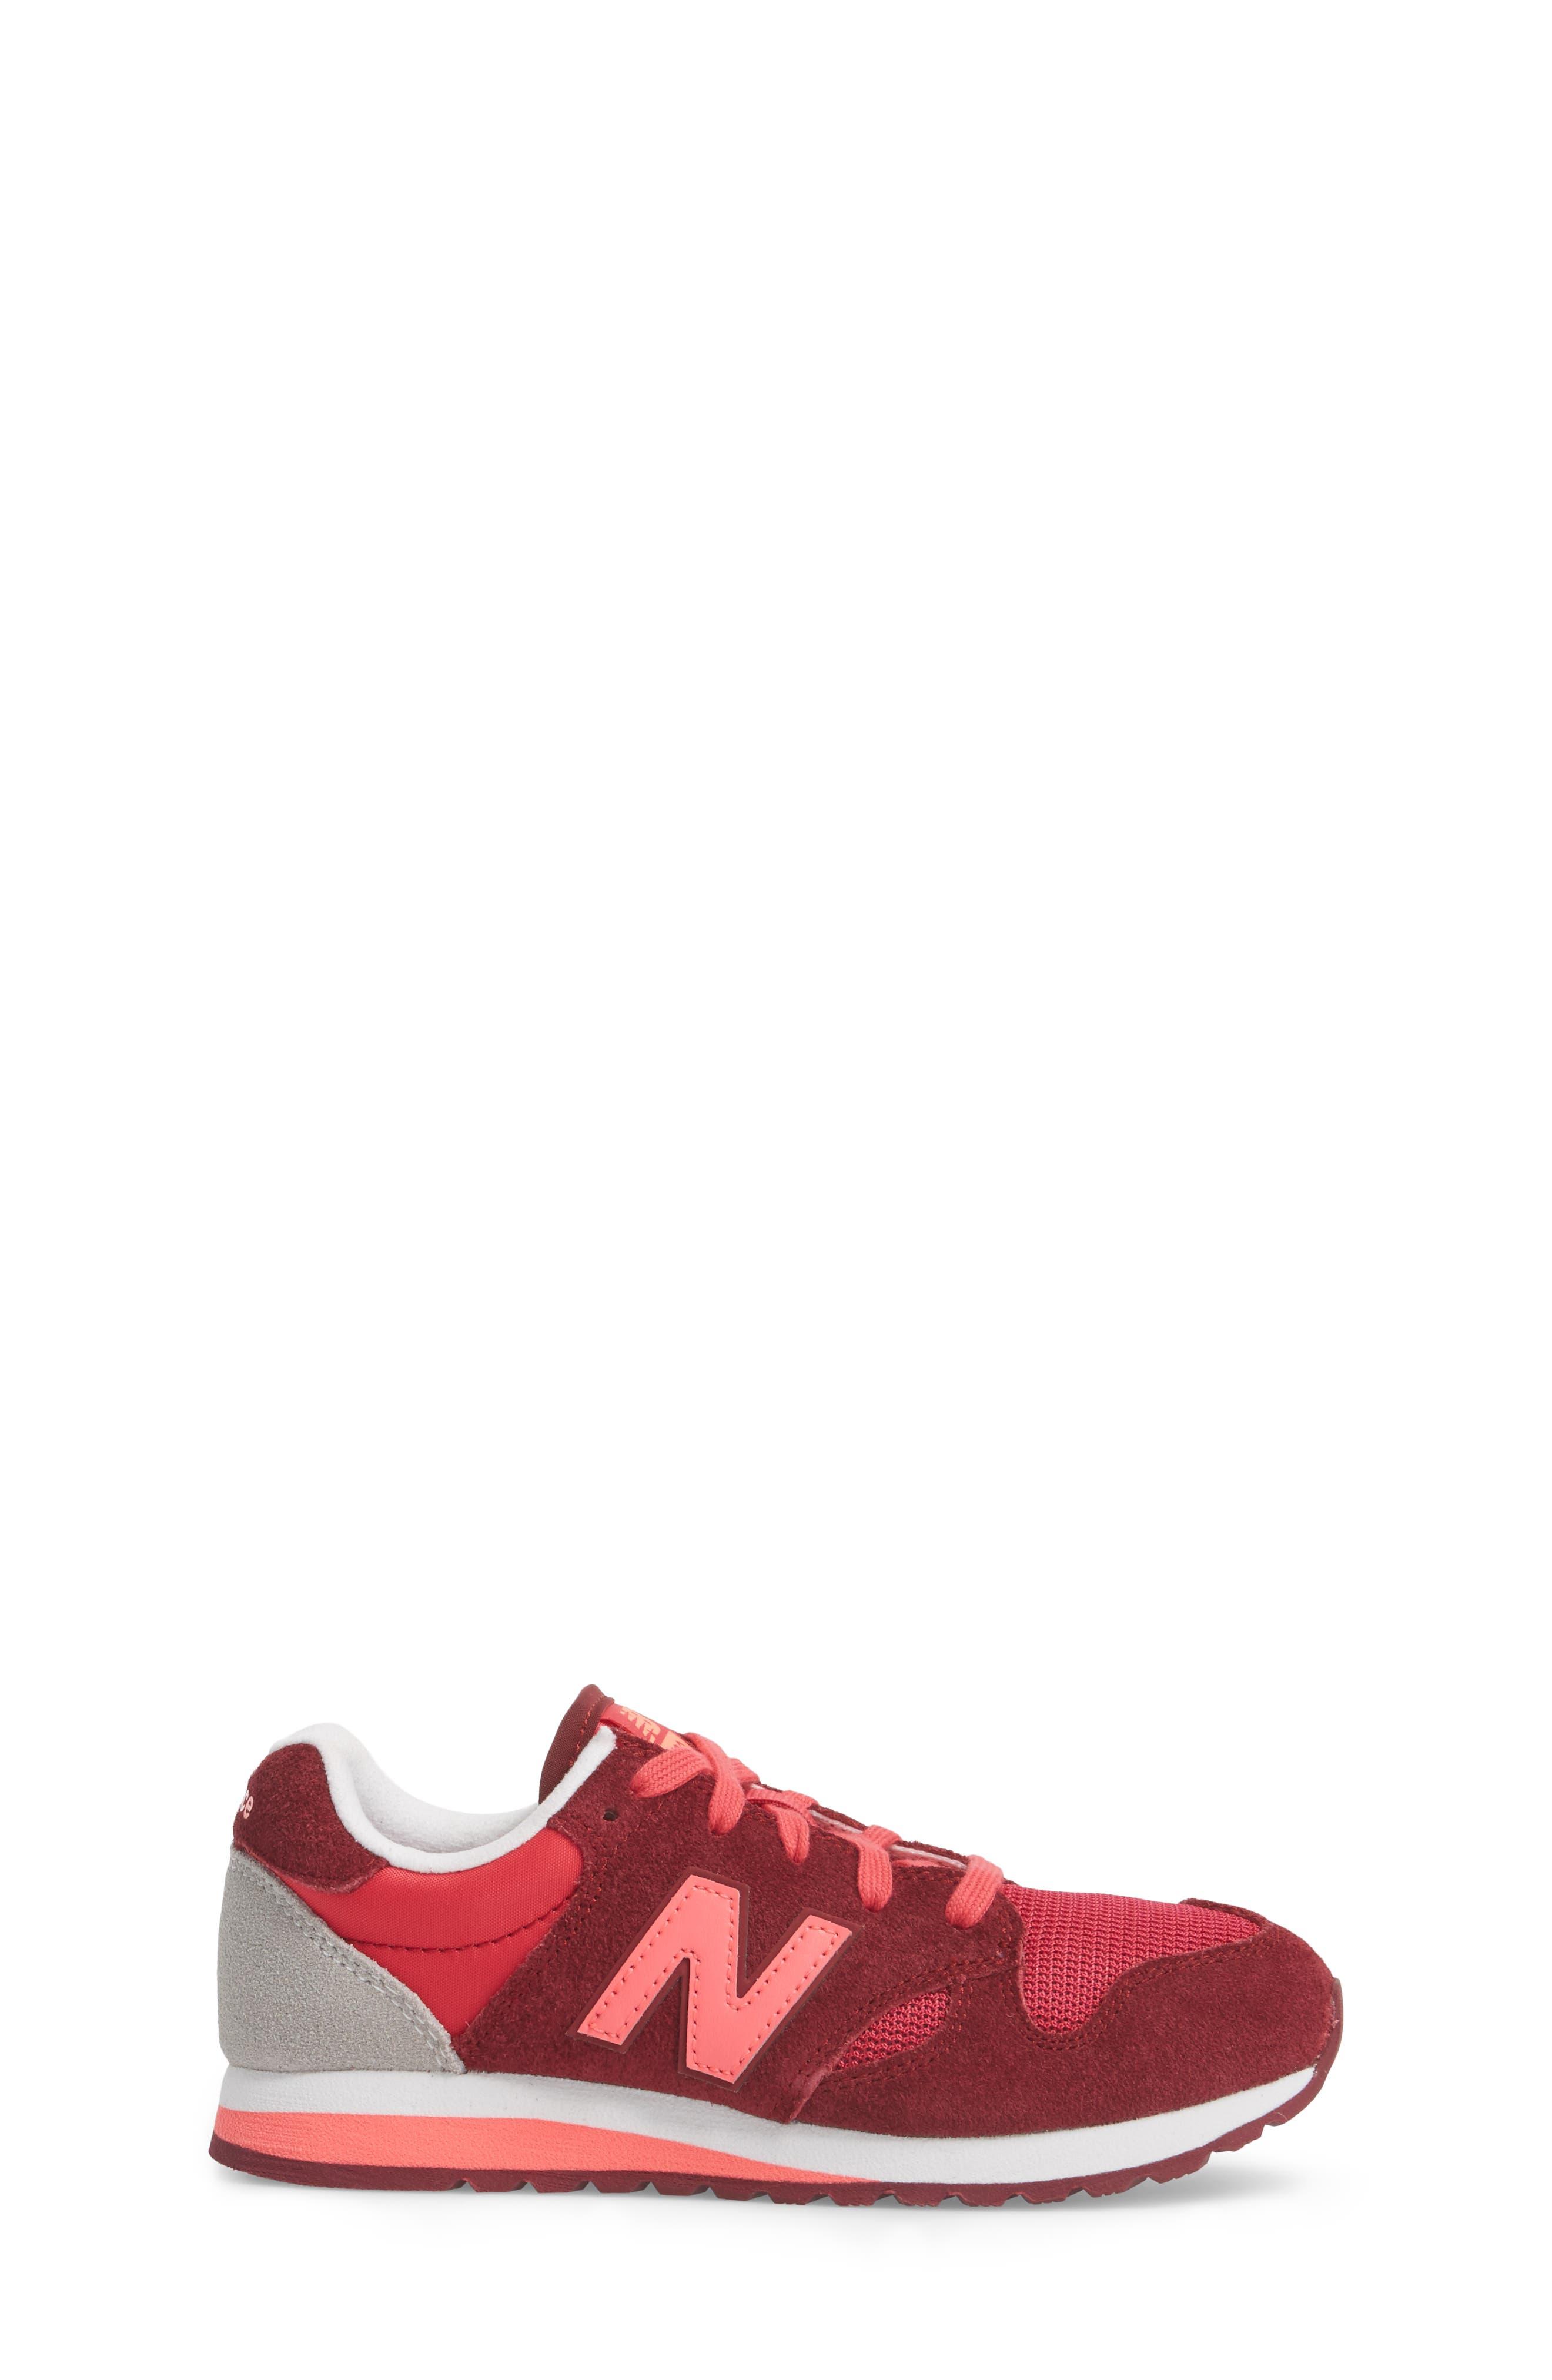 520 Sneaker,                             Alternate thumbnail 3, color,                             655